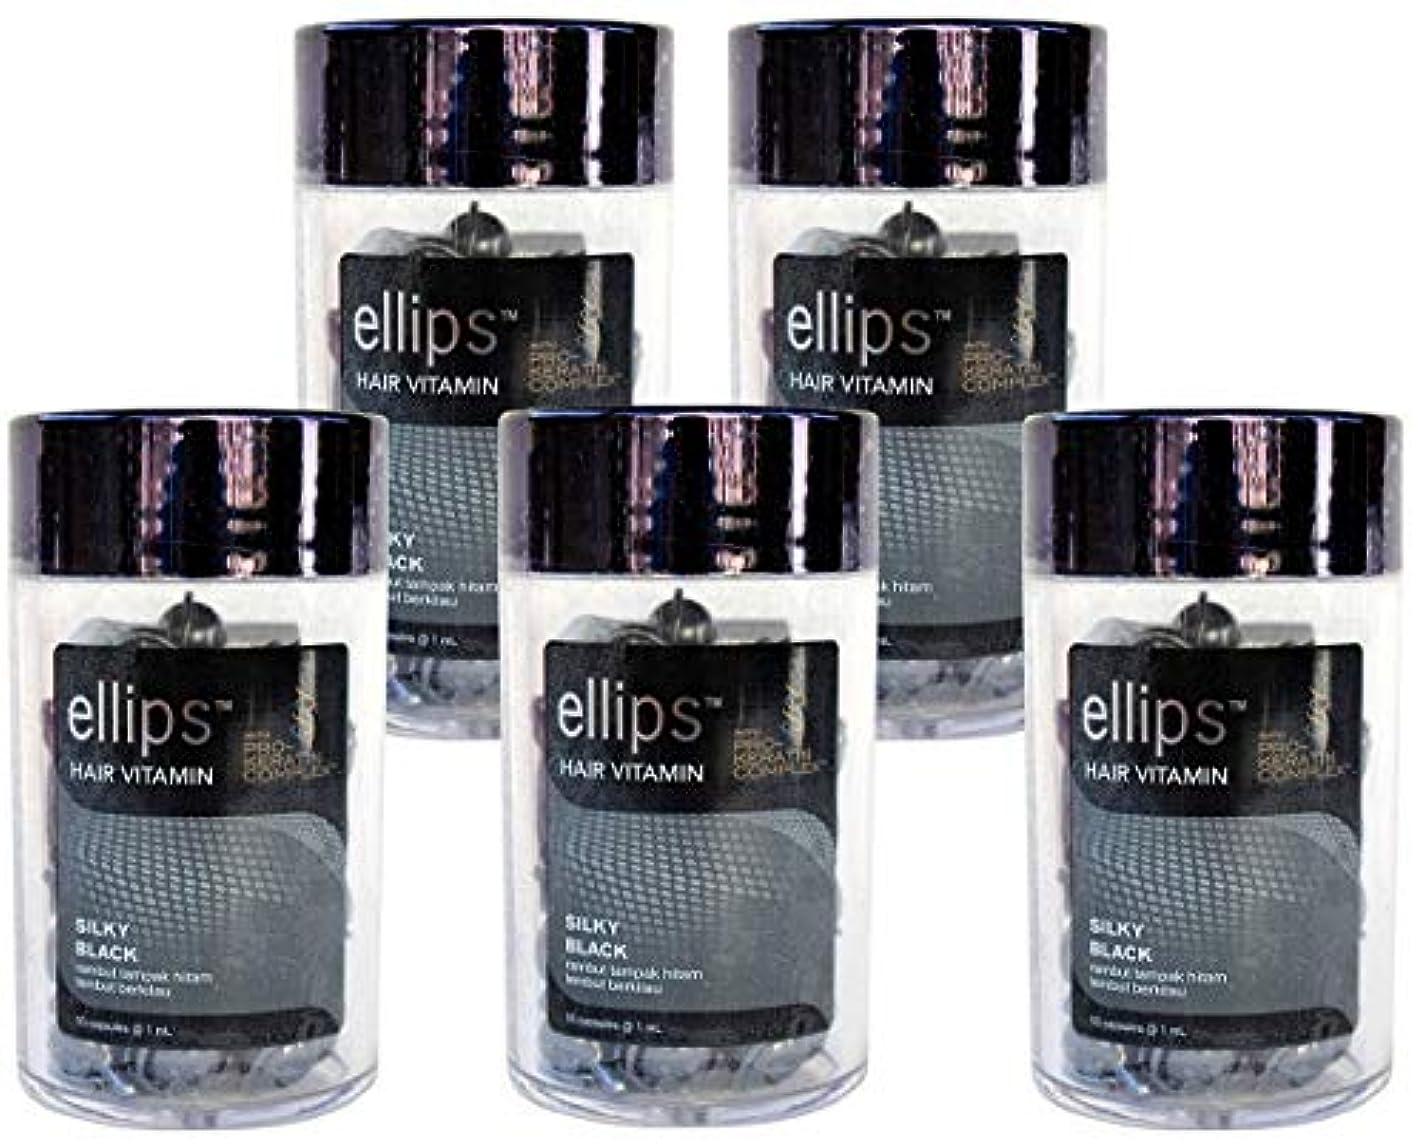 フェローシップ蒸発ロッジellips エリプス Hair Vitamin ヘア ビタミン Pro-Keratin Complex プロケラチン配合 SILKY BLACK ブラック ボトル(50粒入) × 5本 セット [並行輸入品][海外直送品]